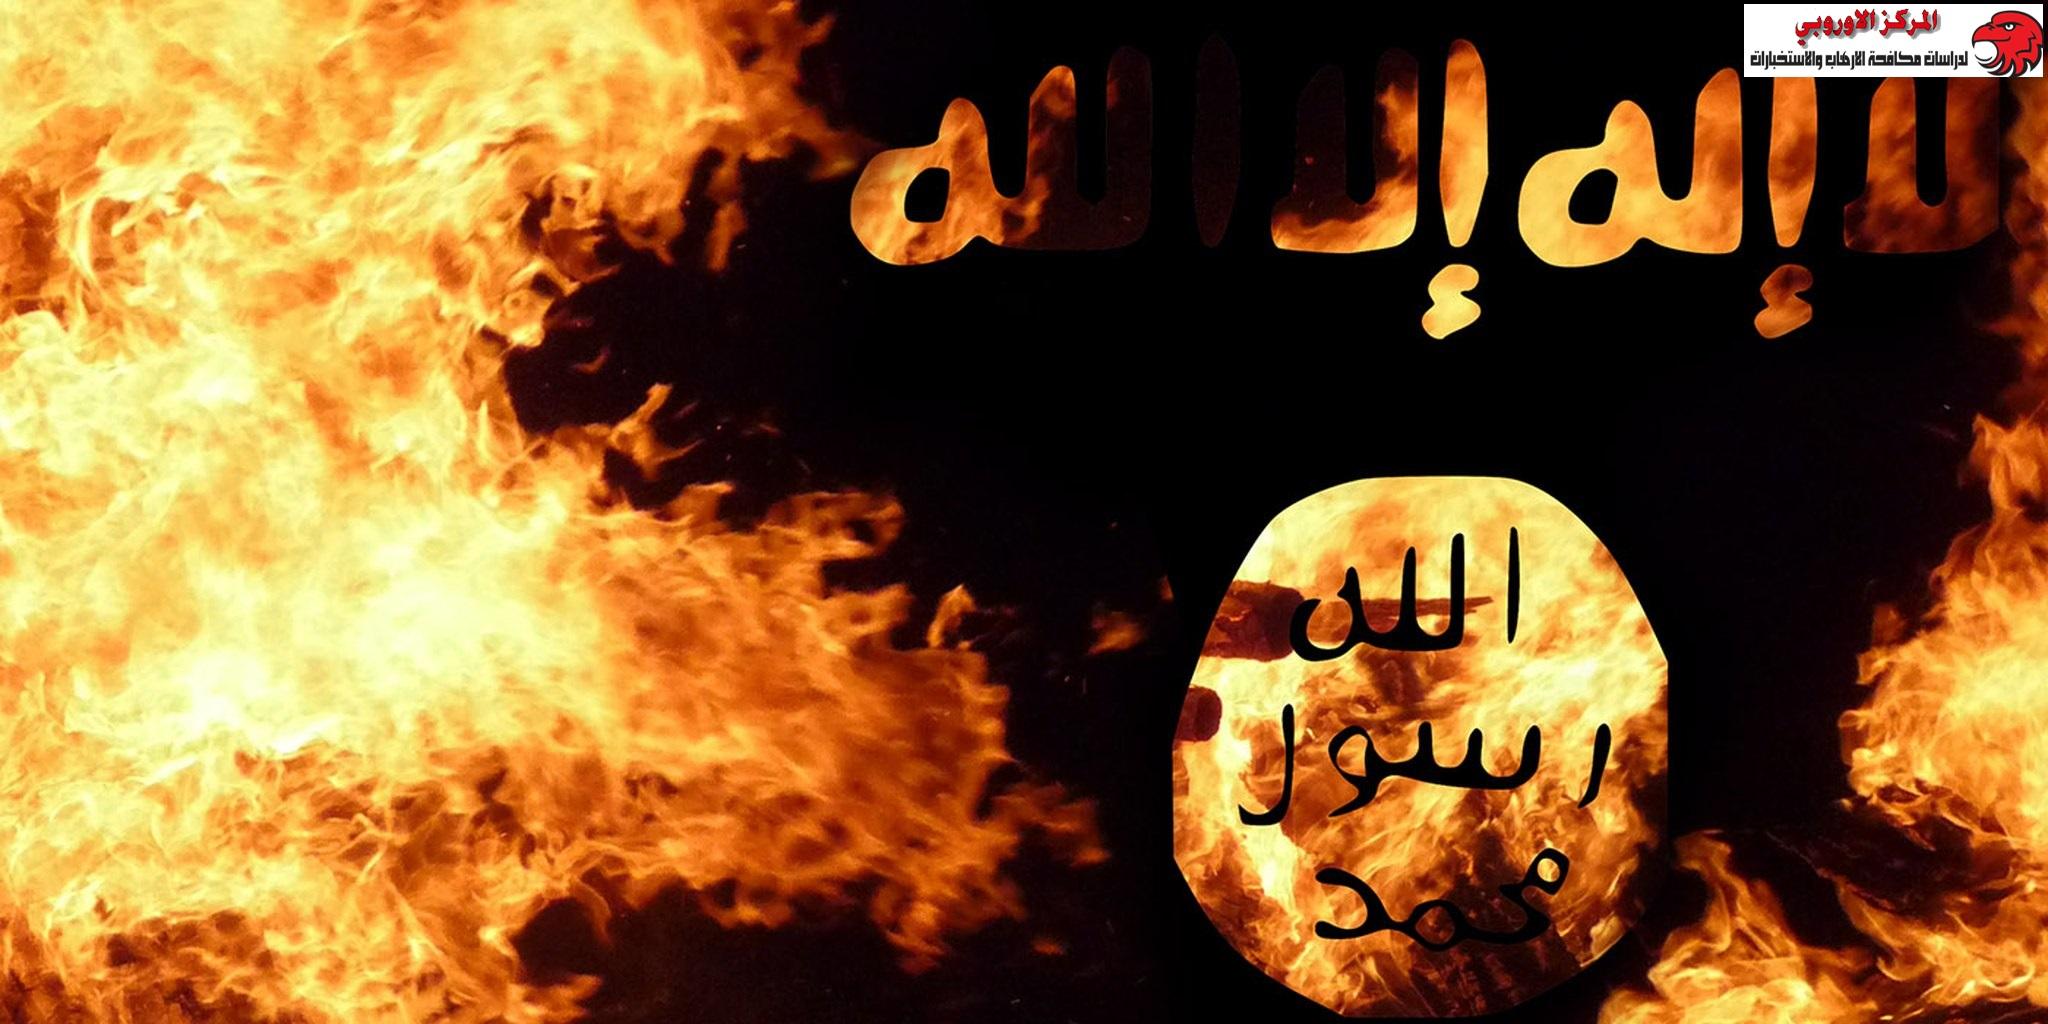 داعش ـ قواعد نظام المرتبات والمدفوعات. بقلم اللواء الركن المتقاعد الدكتور عماد